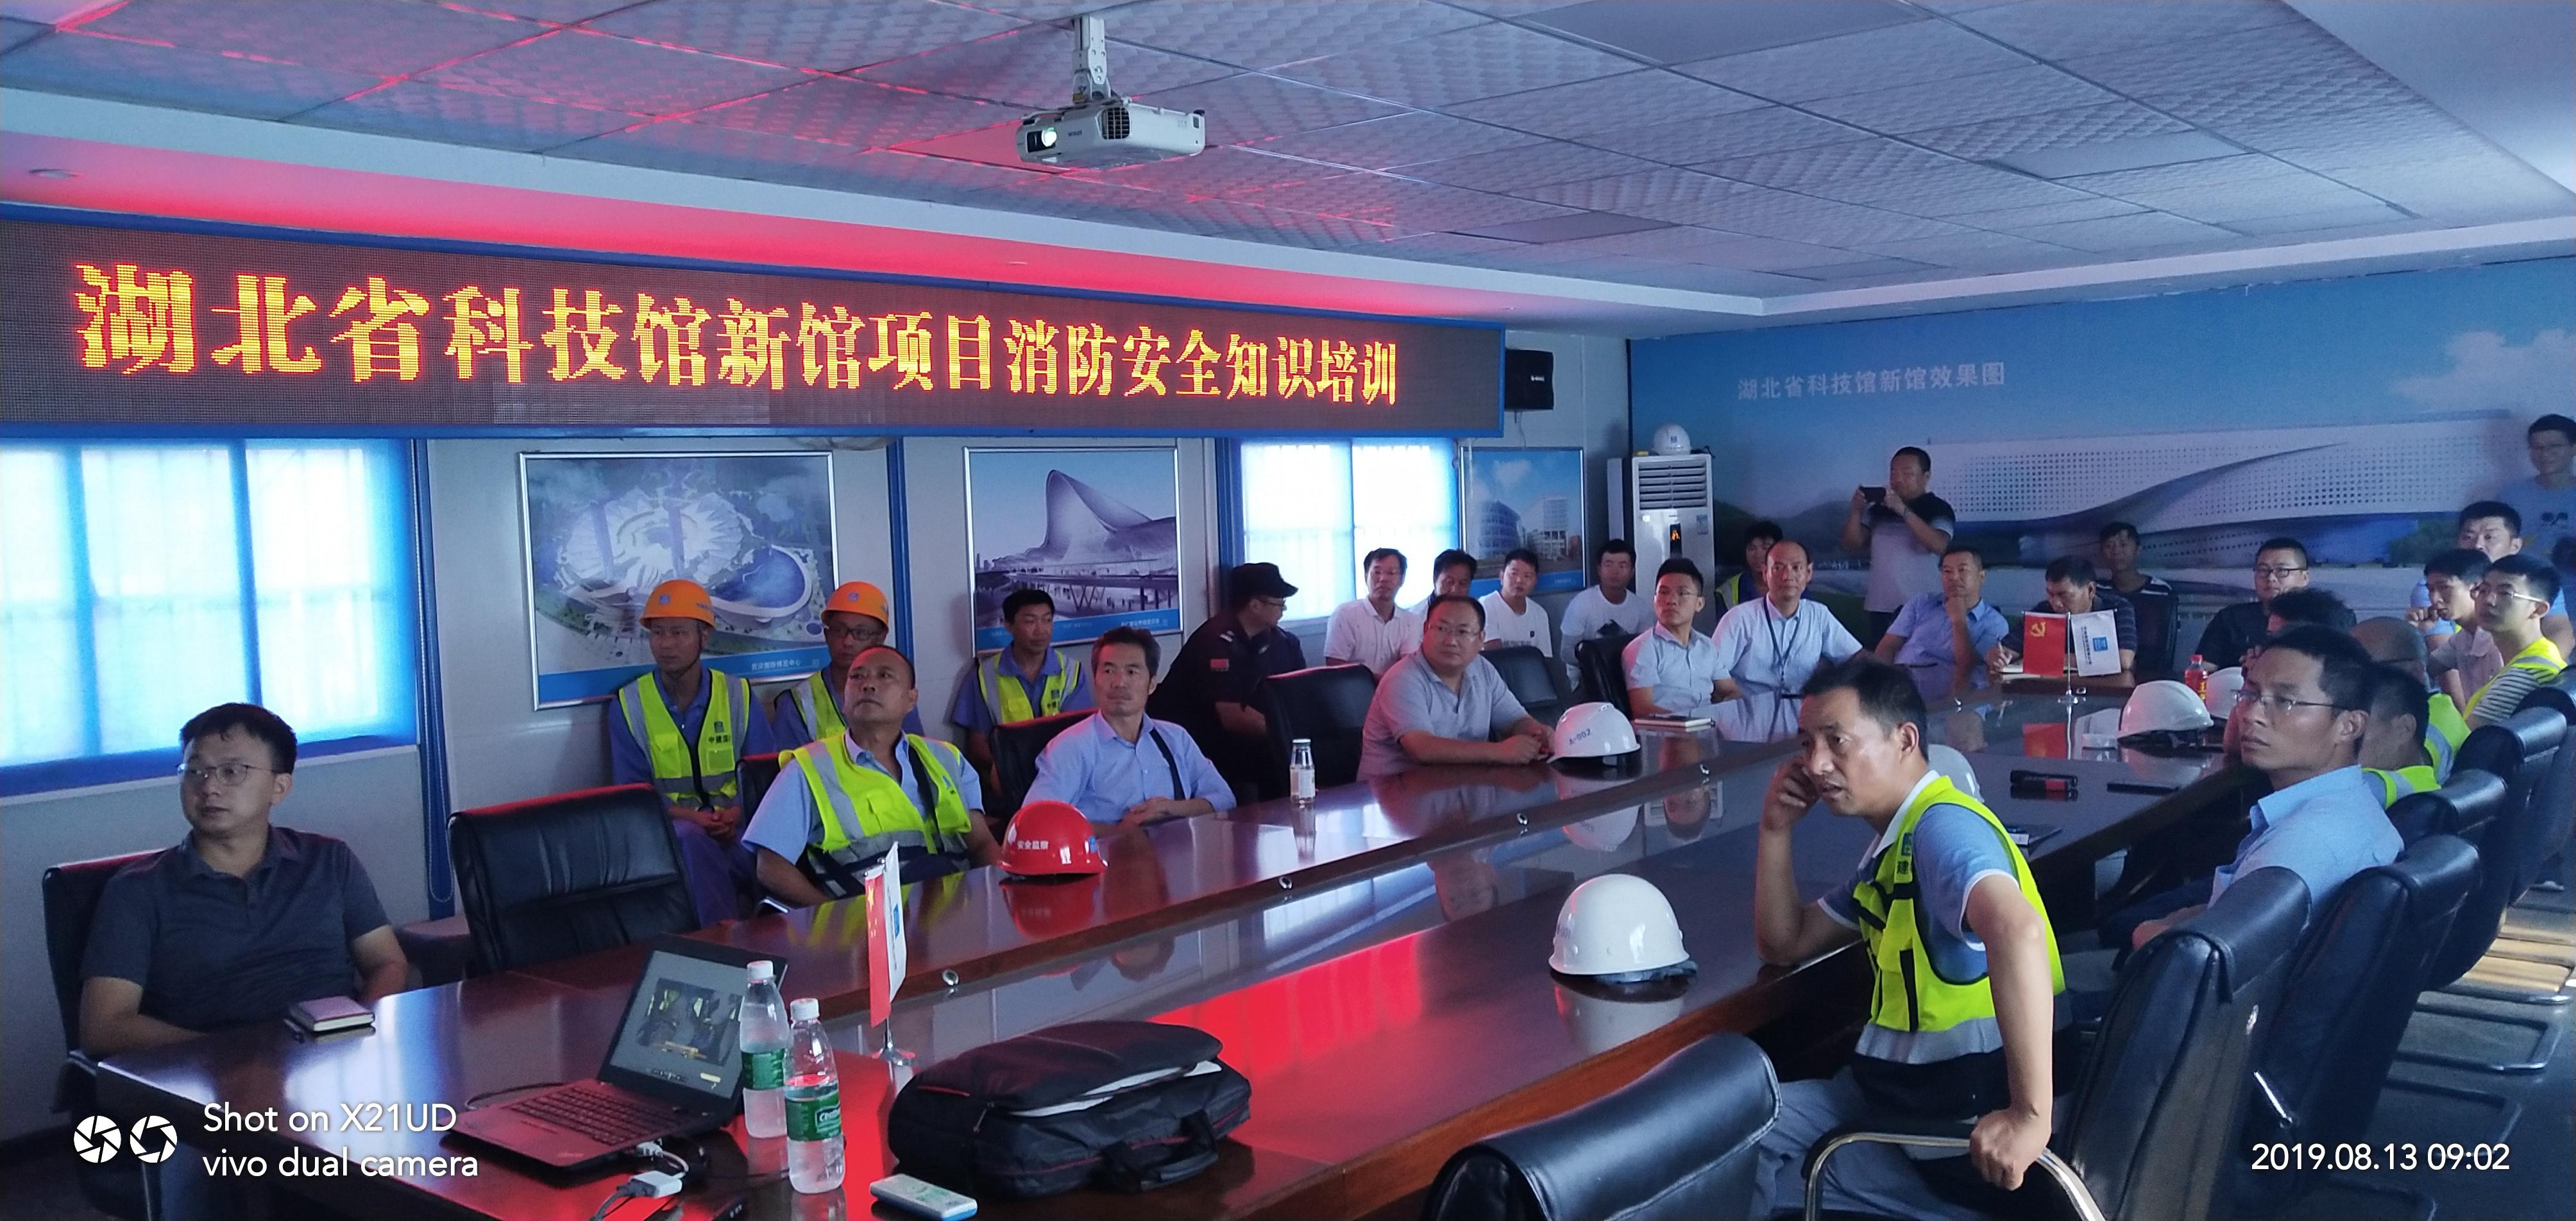 湖北省科技馆开展消防安全知识培训